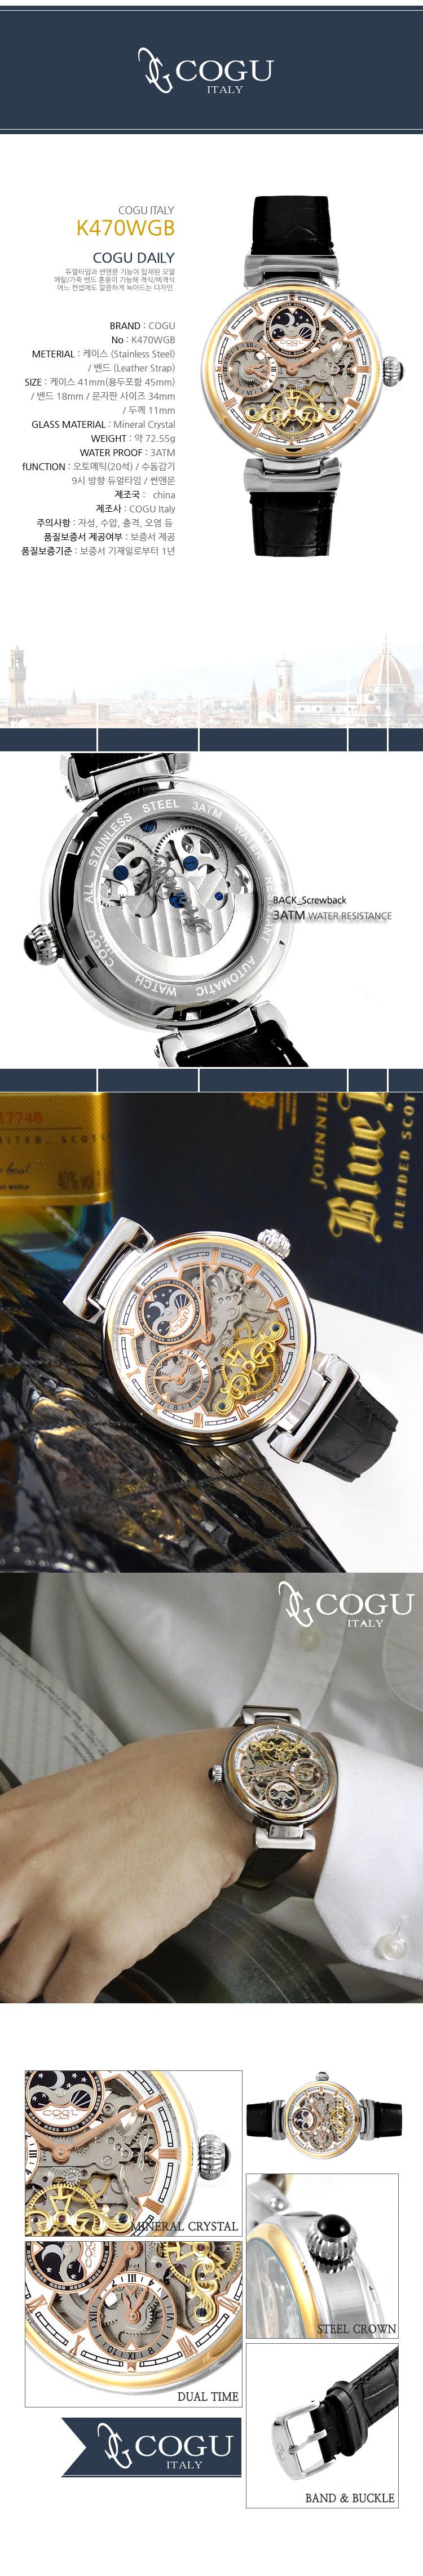 코구(COGU) K470WGB 남성 오토매틱 가죽 손목시계